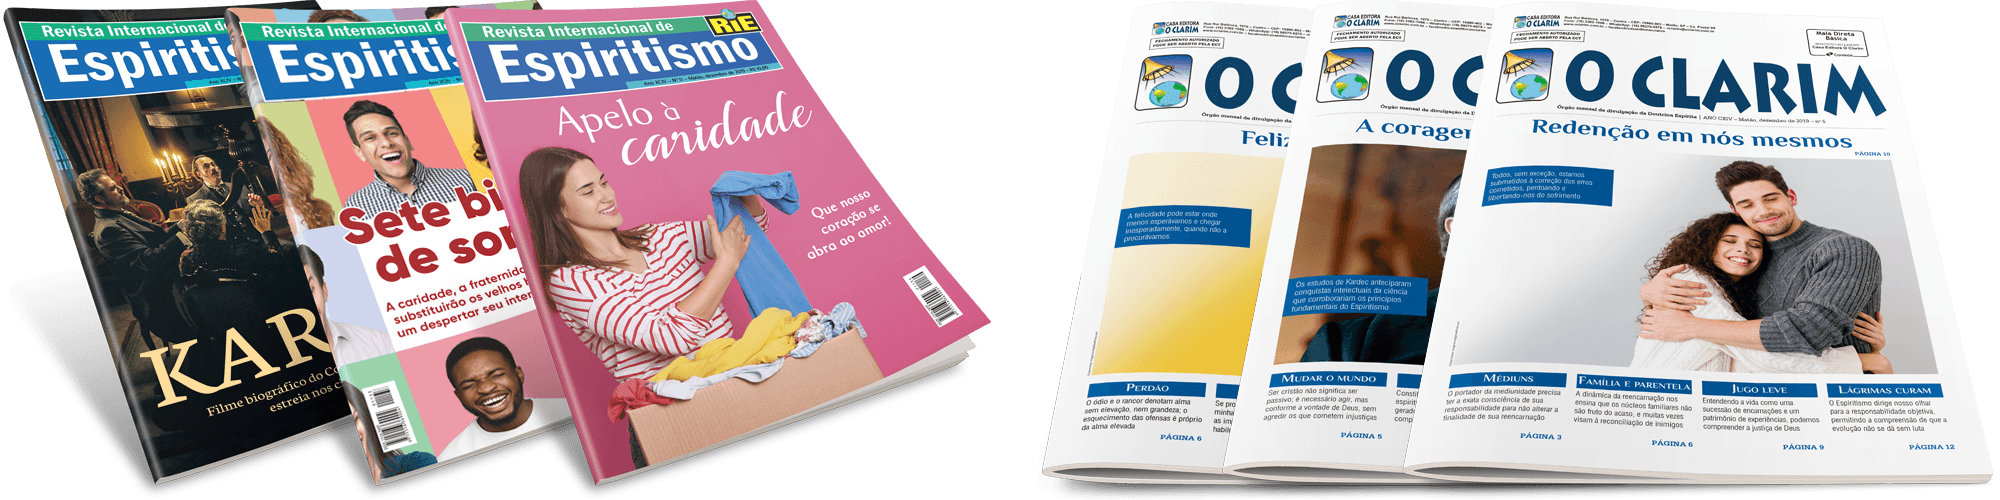 revistas-jornais